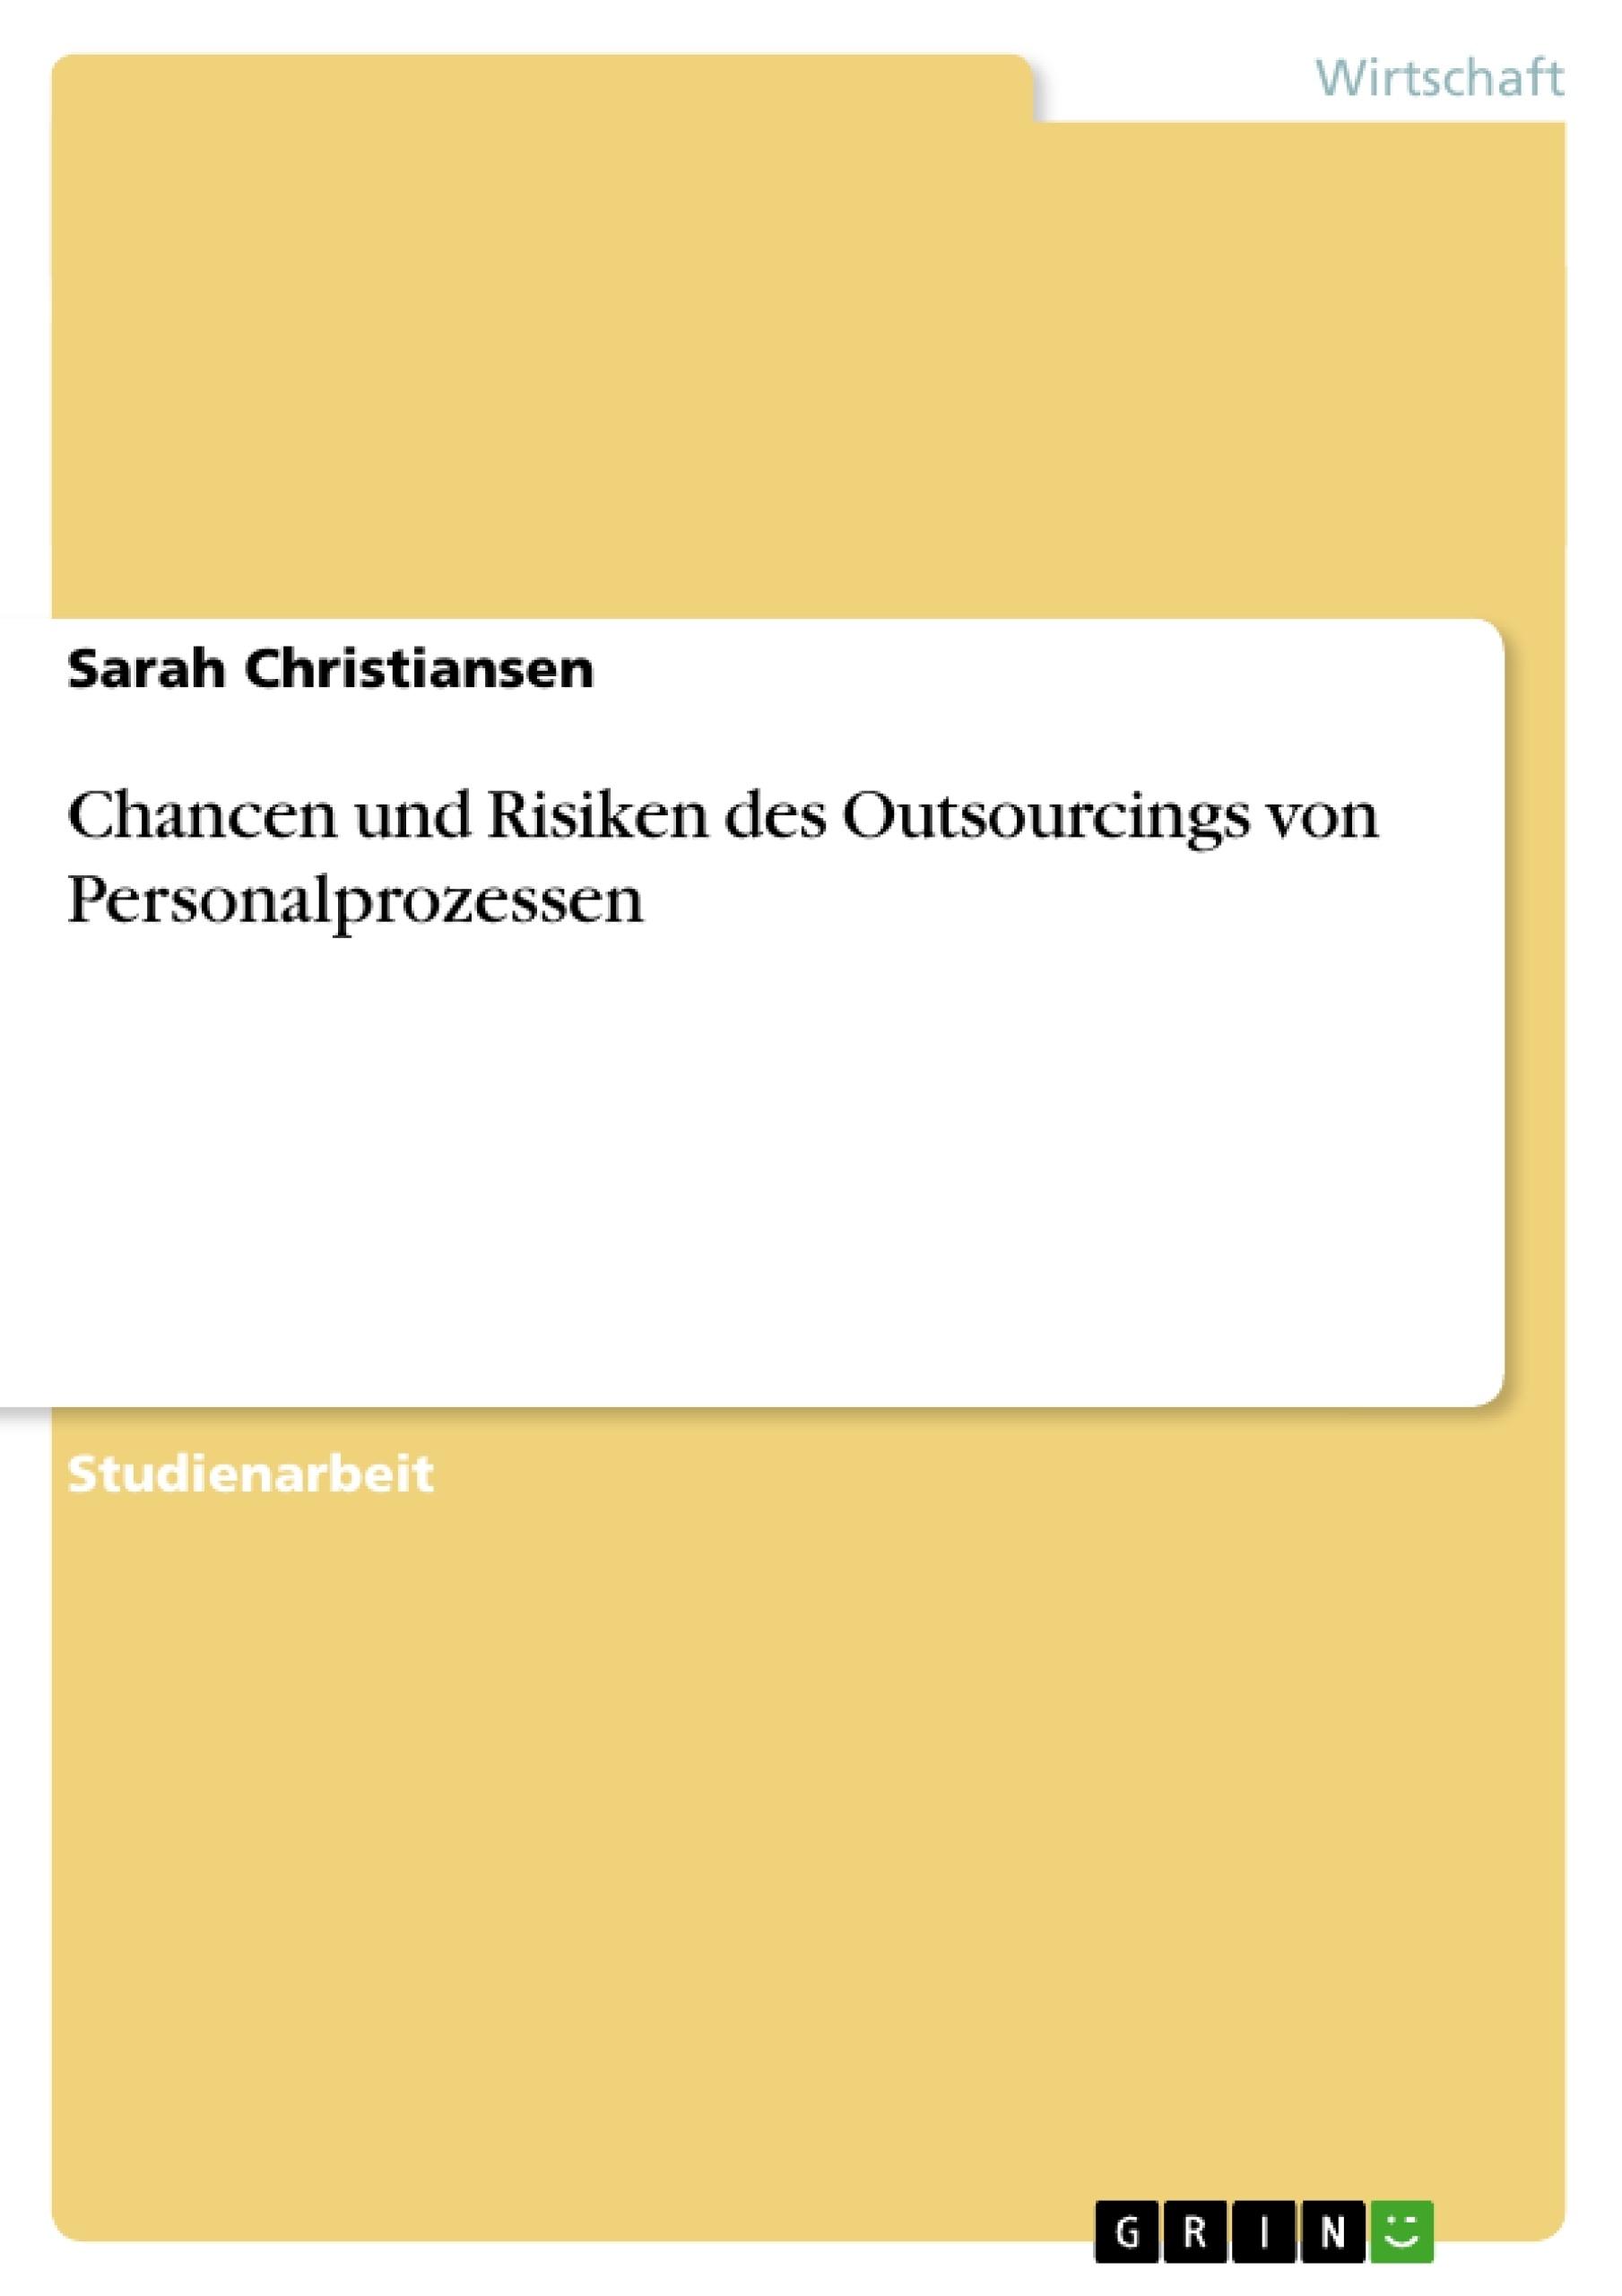 Titel: Chancen und Risiken des Outsourcings von Personalprozessen